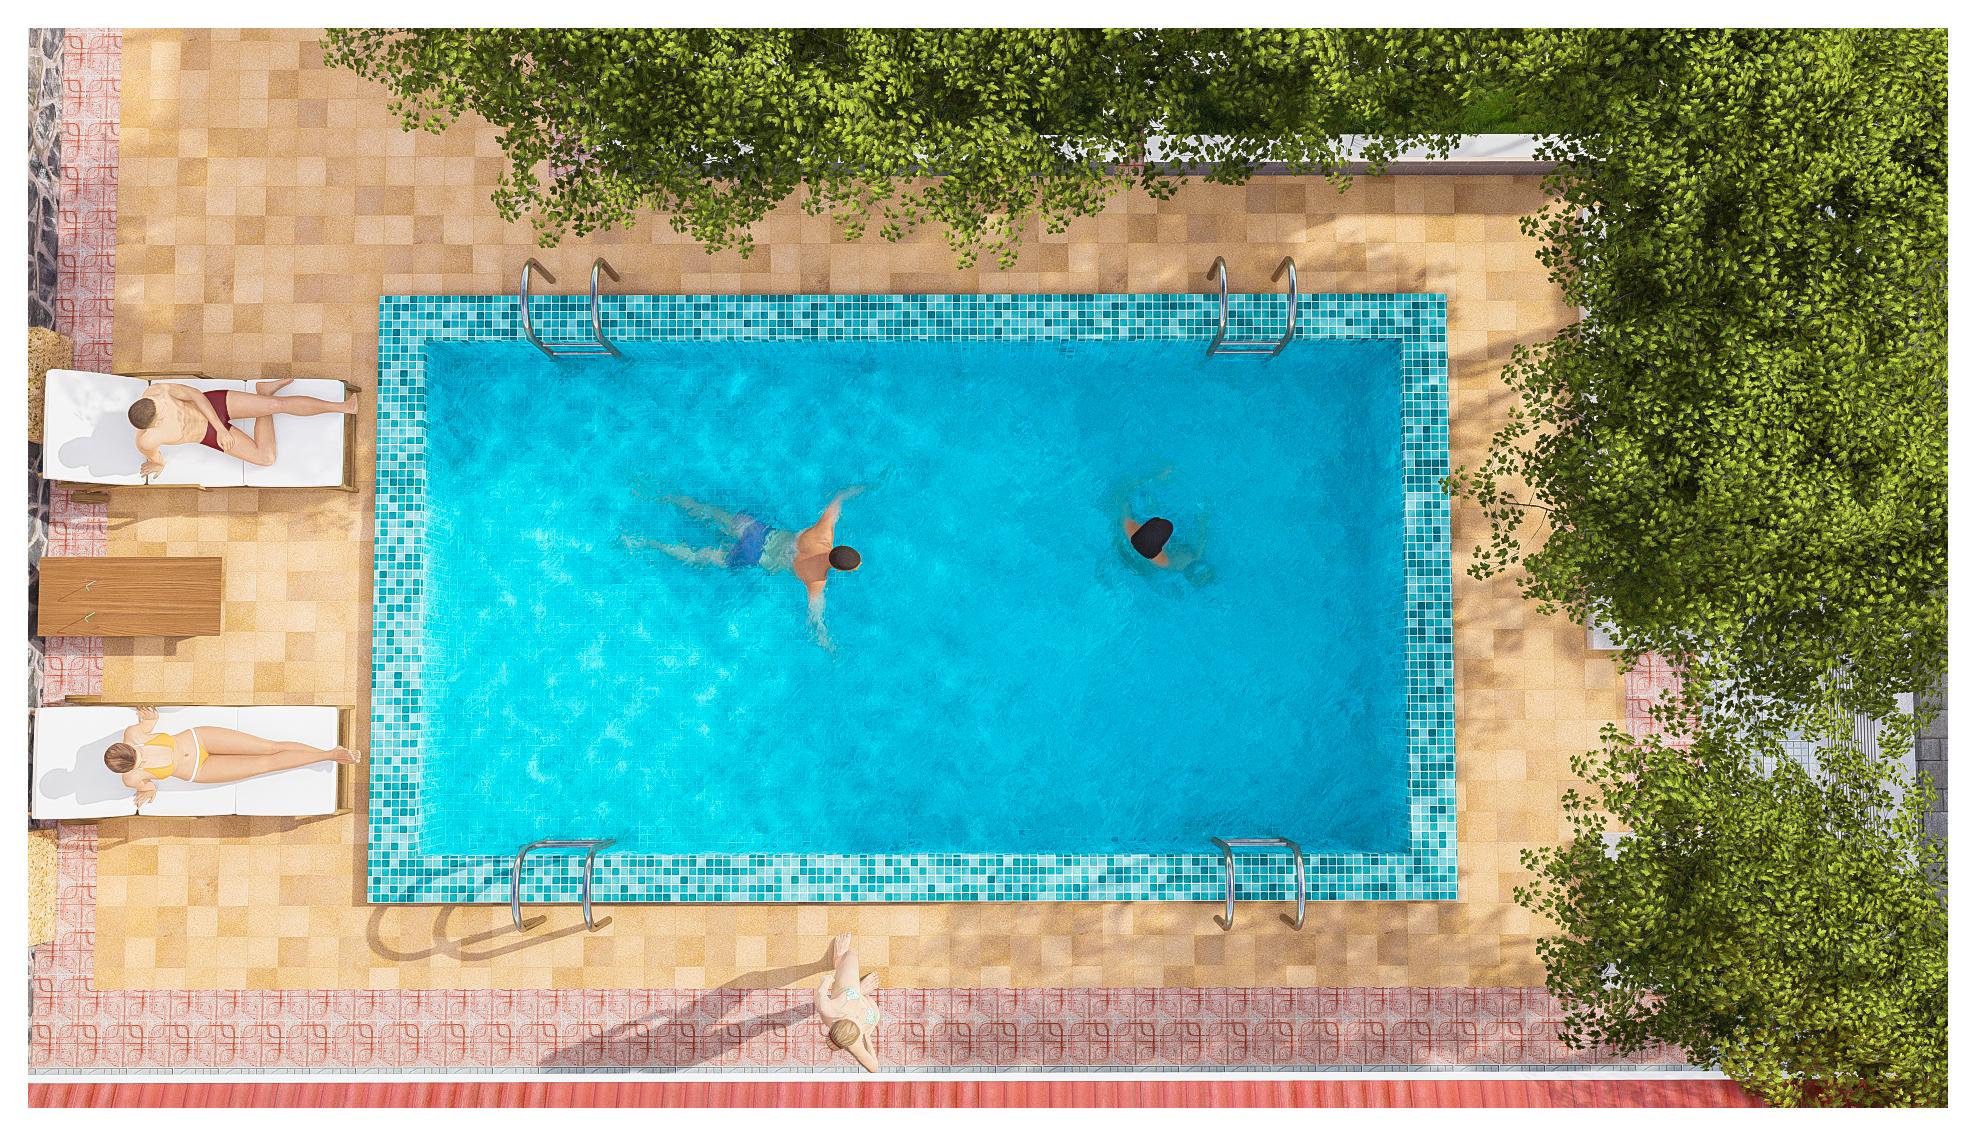 thiết kế Resort Khu Nhà Ở Dòng Họ21